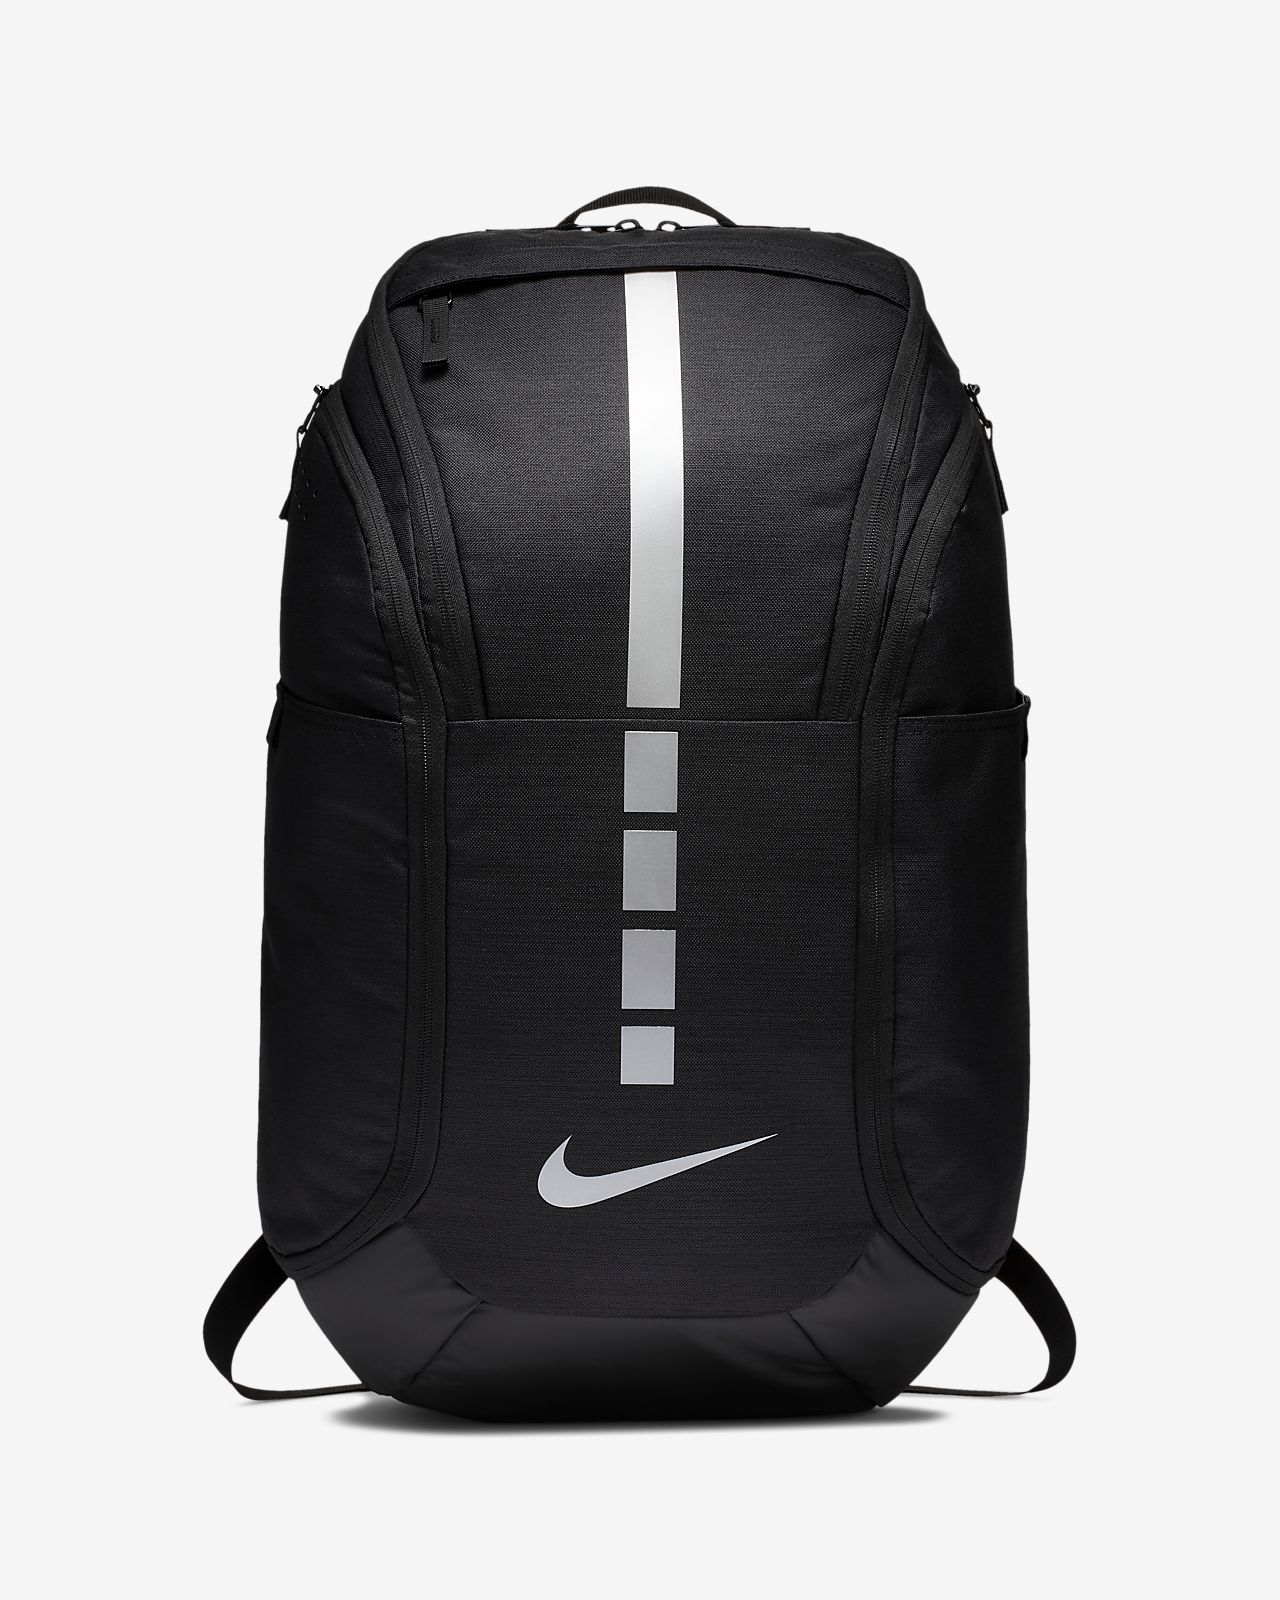 66d22991 Mochila de básquetbol Nike Hoops Elite Pro. Nike.com MX